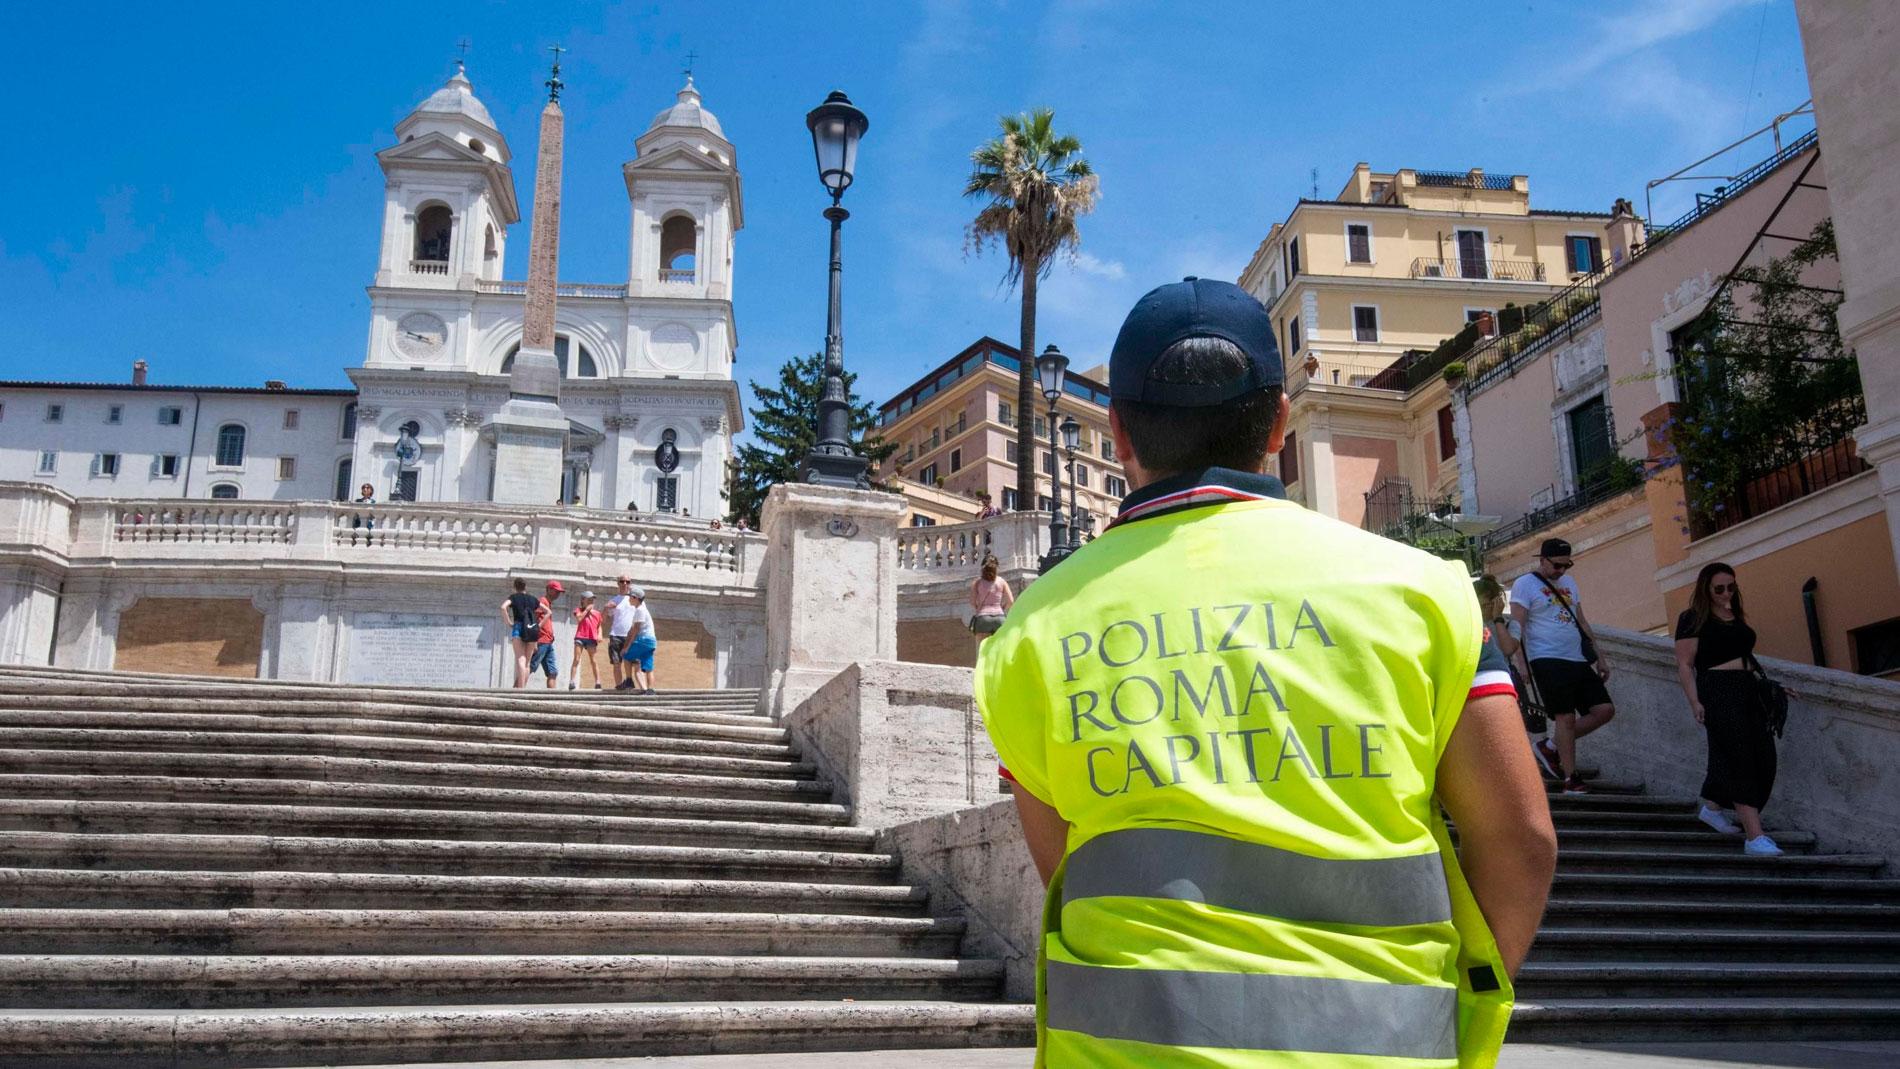 Roma prohíbe sentarse en la escalinata de Plaza de España y desconcierta a turistas